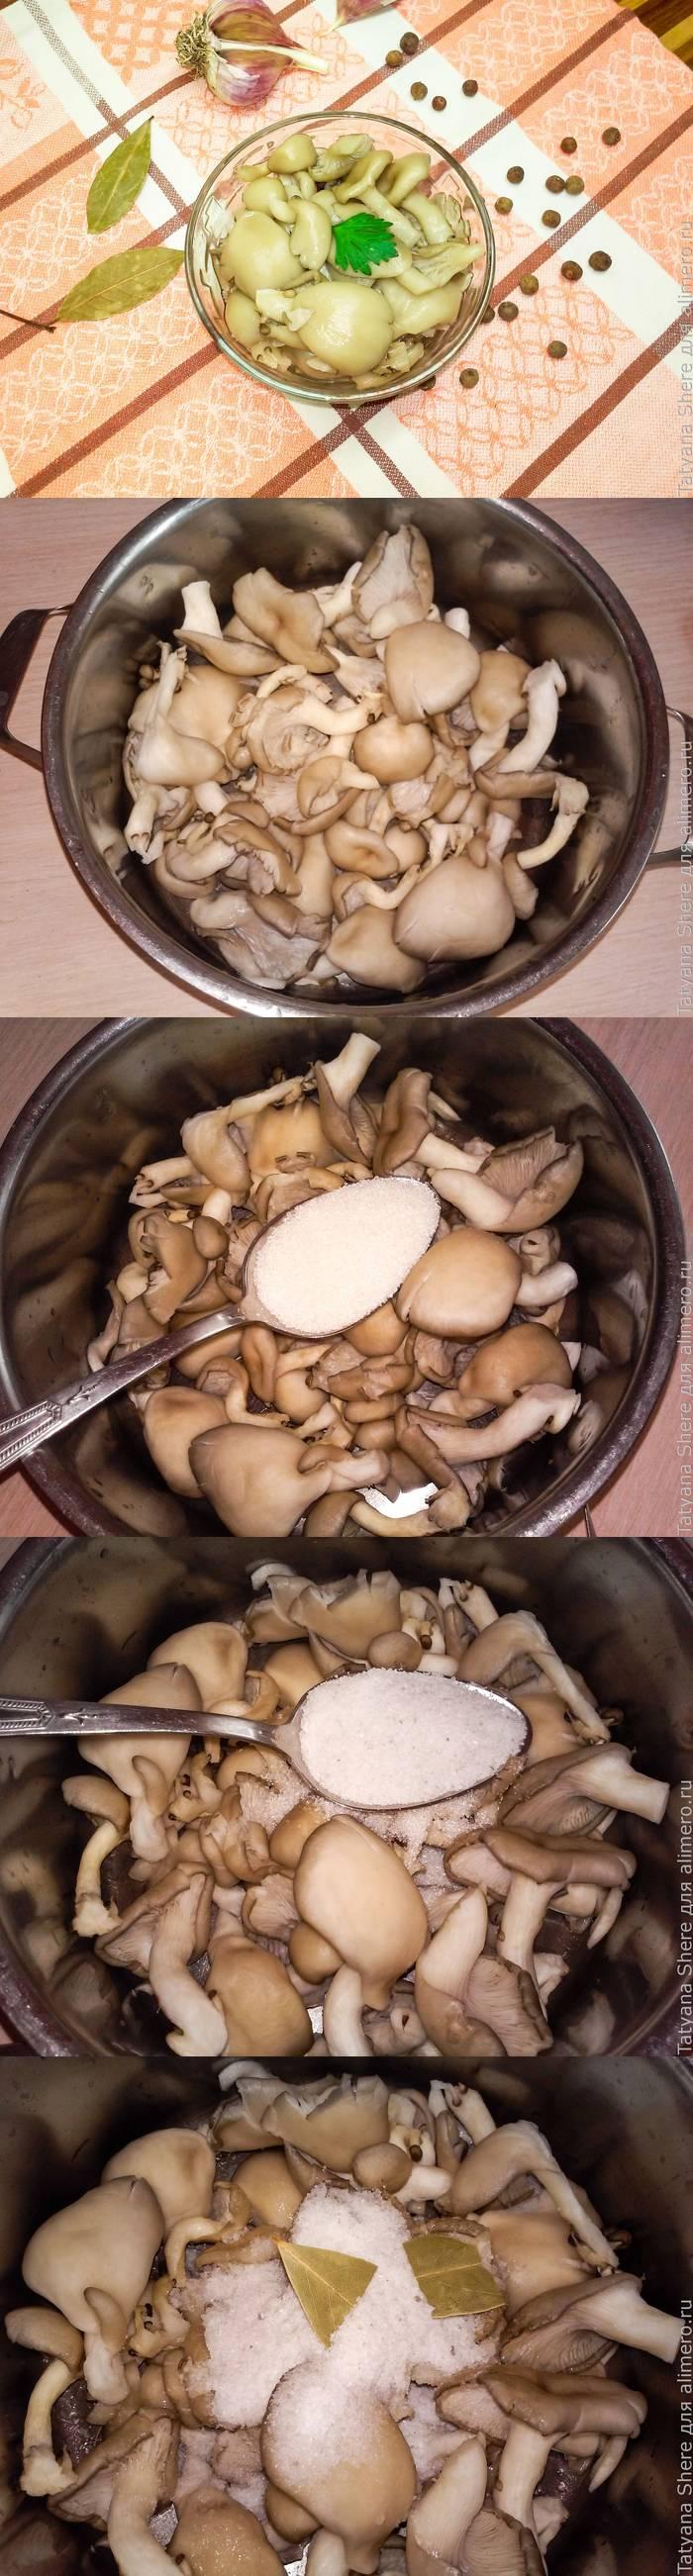 Маринованные грибы – вешенки